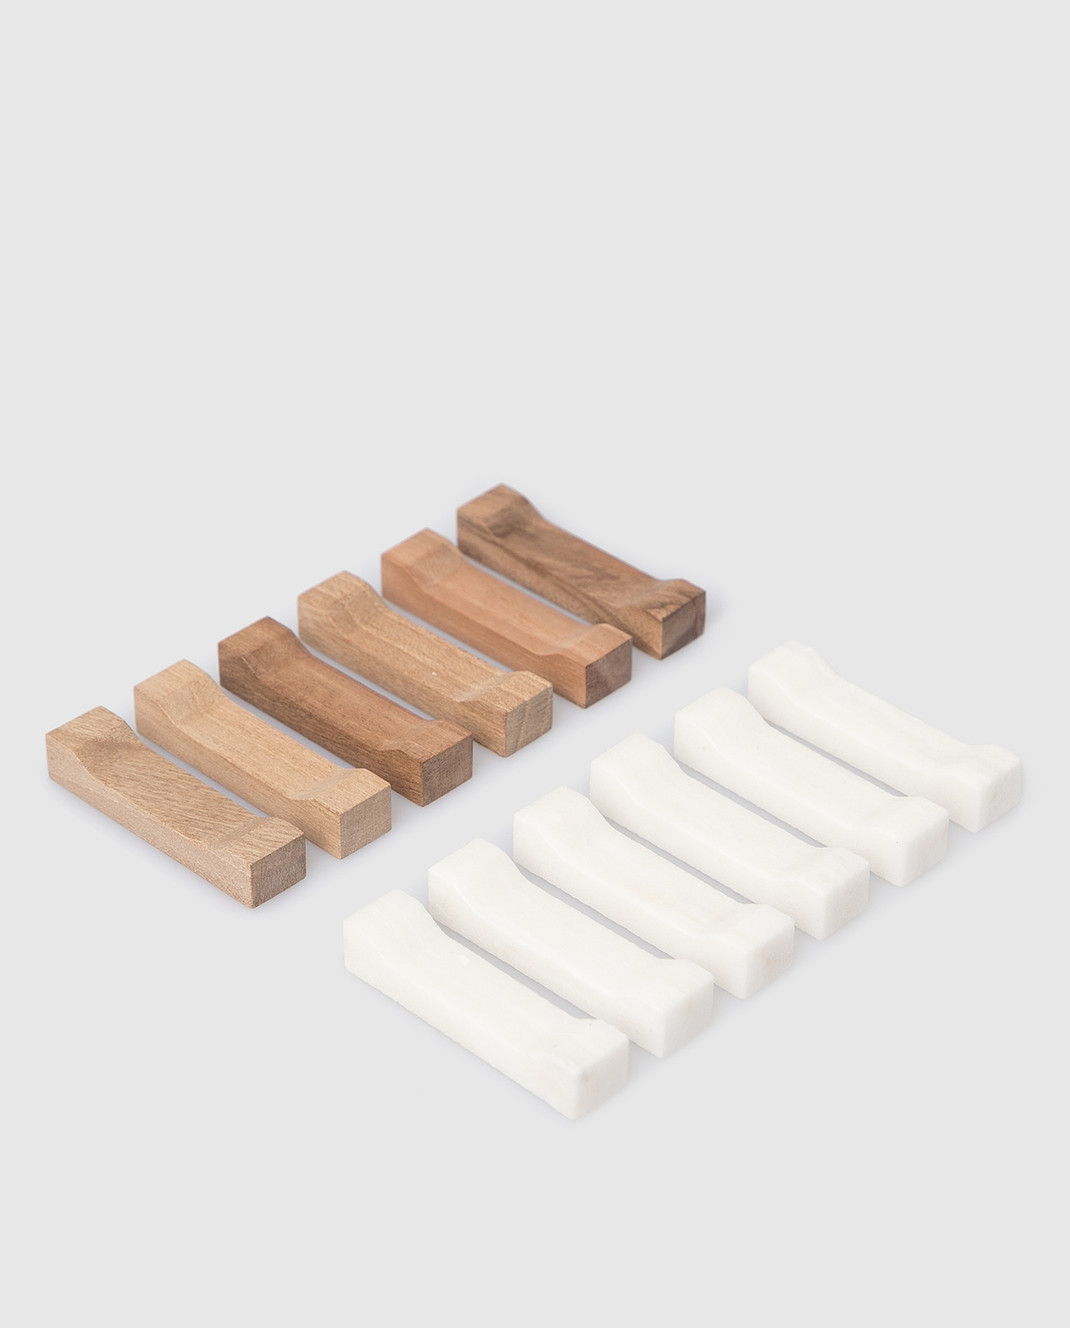 Brunello Cucinelli Подставка для столовых приборов MLTABL0020 изображение 3